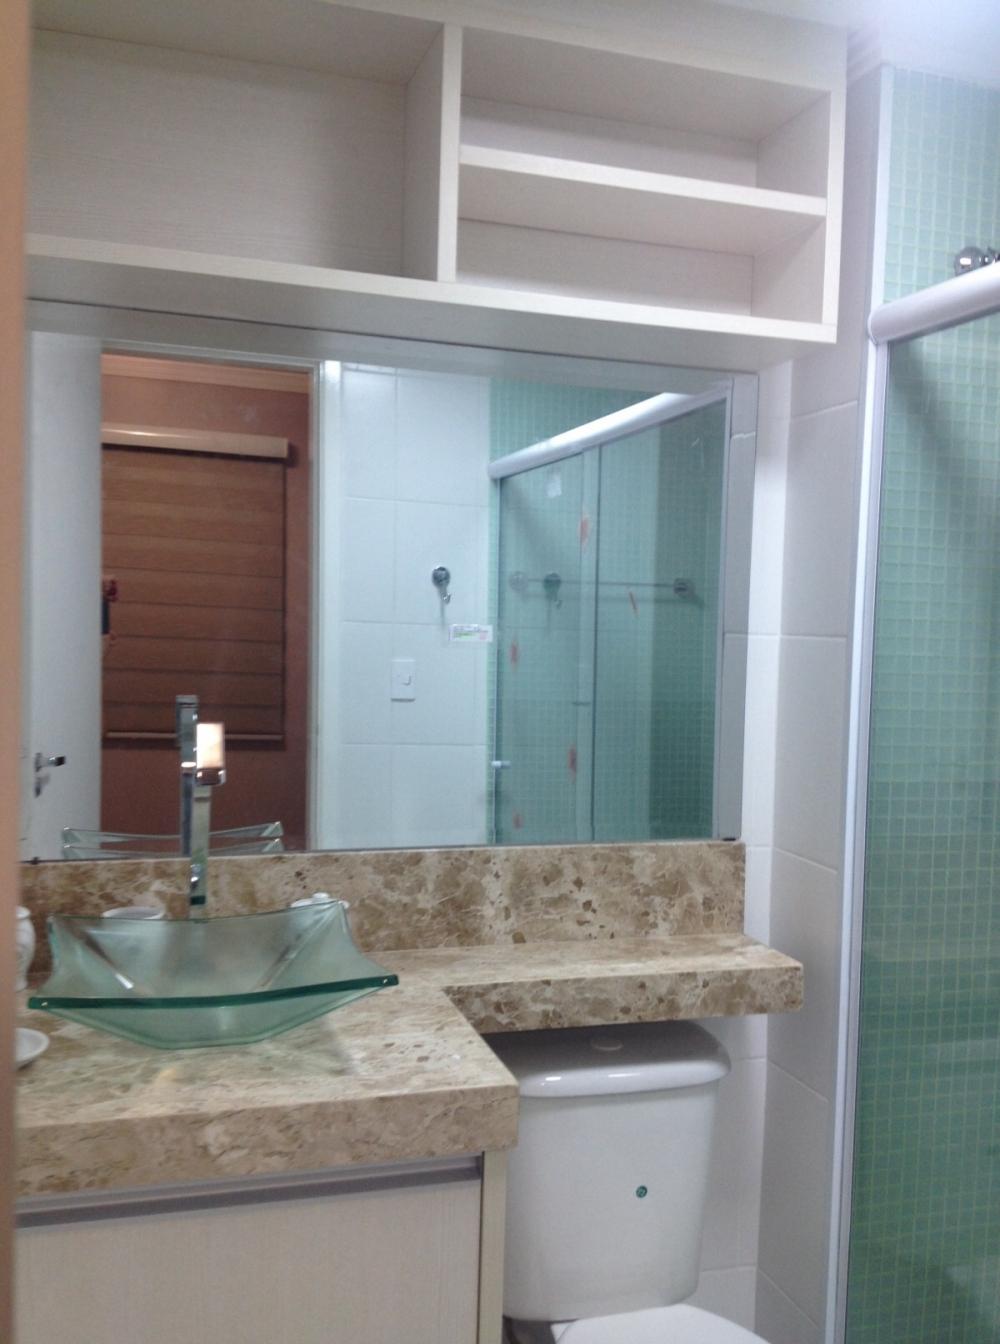 Empresas de Serviços de Vidraçaria na Vila Formosa - Vidraçaria em SP